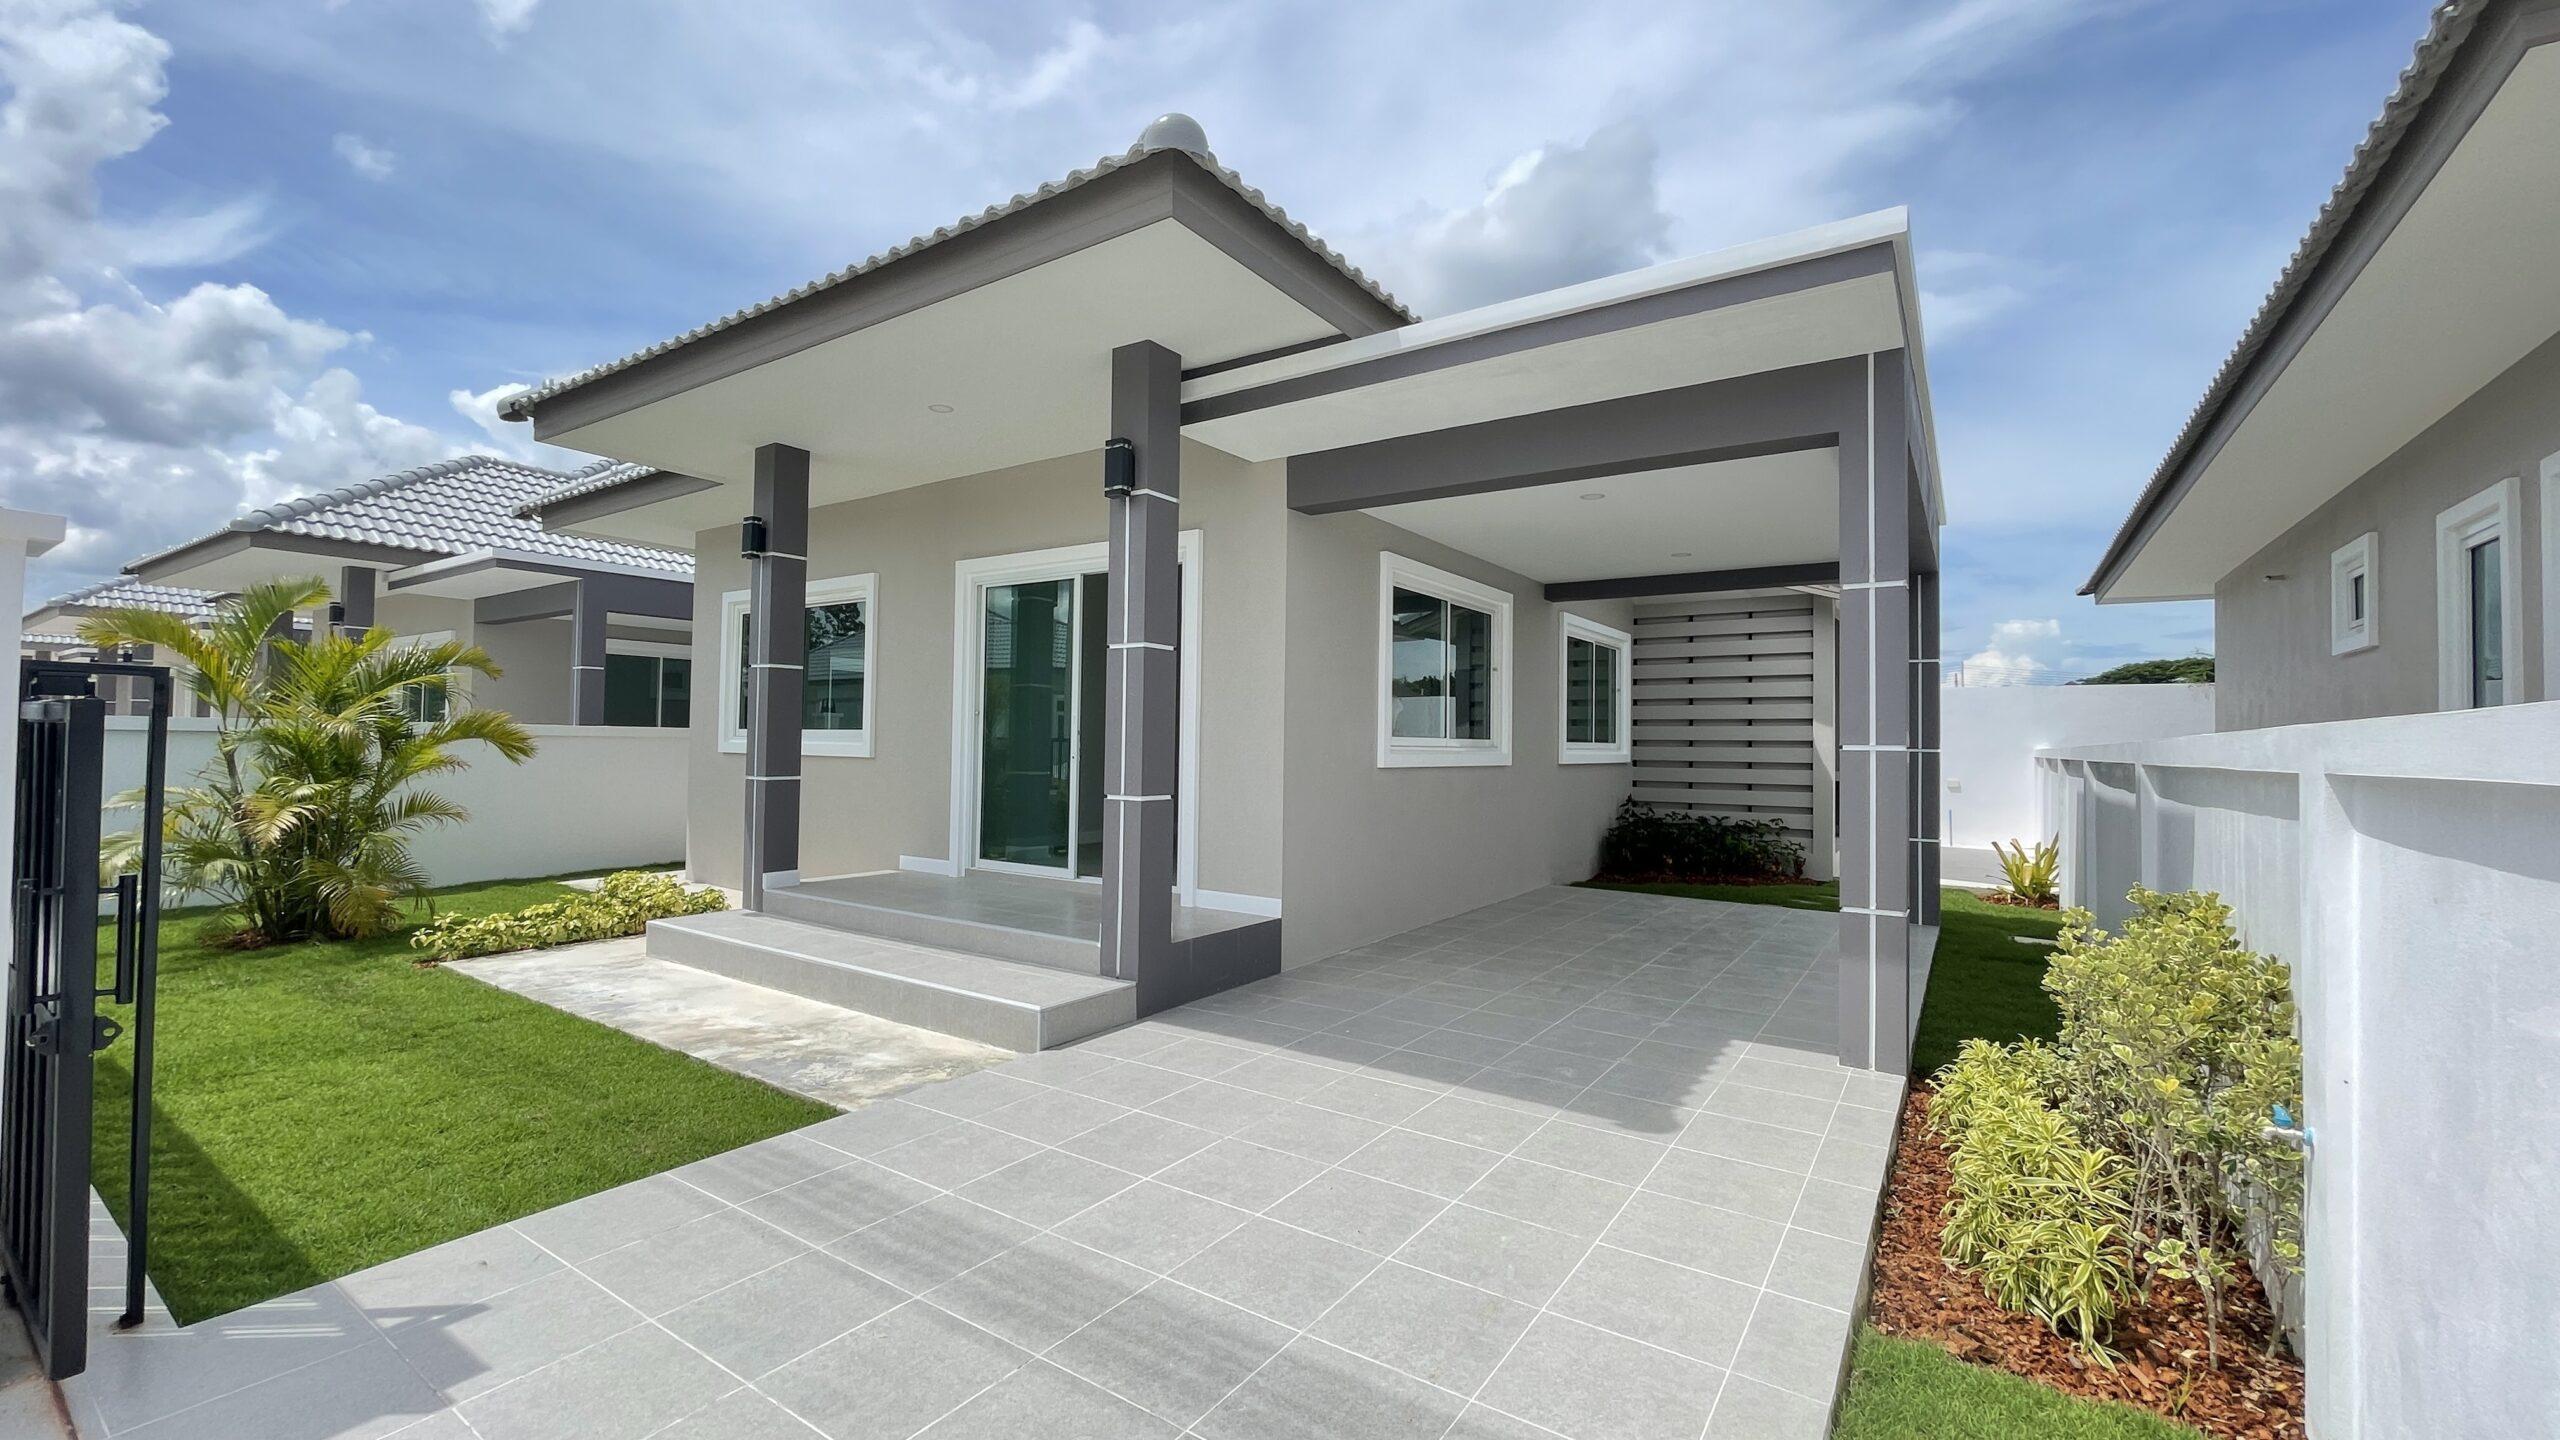 ขายบ้านหัวหินเล็กๆ ราคาถูก Huahin House For Sale